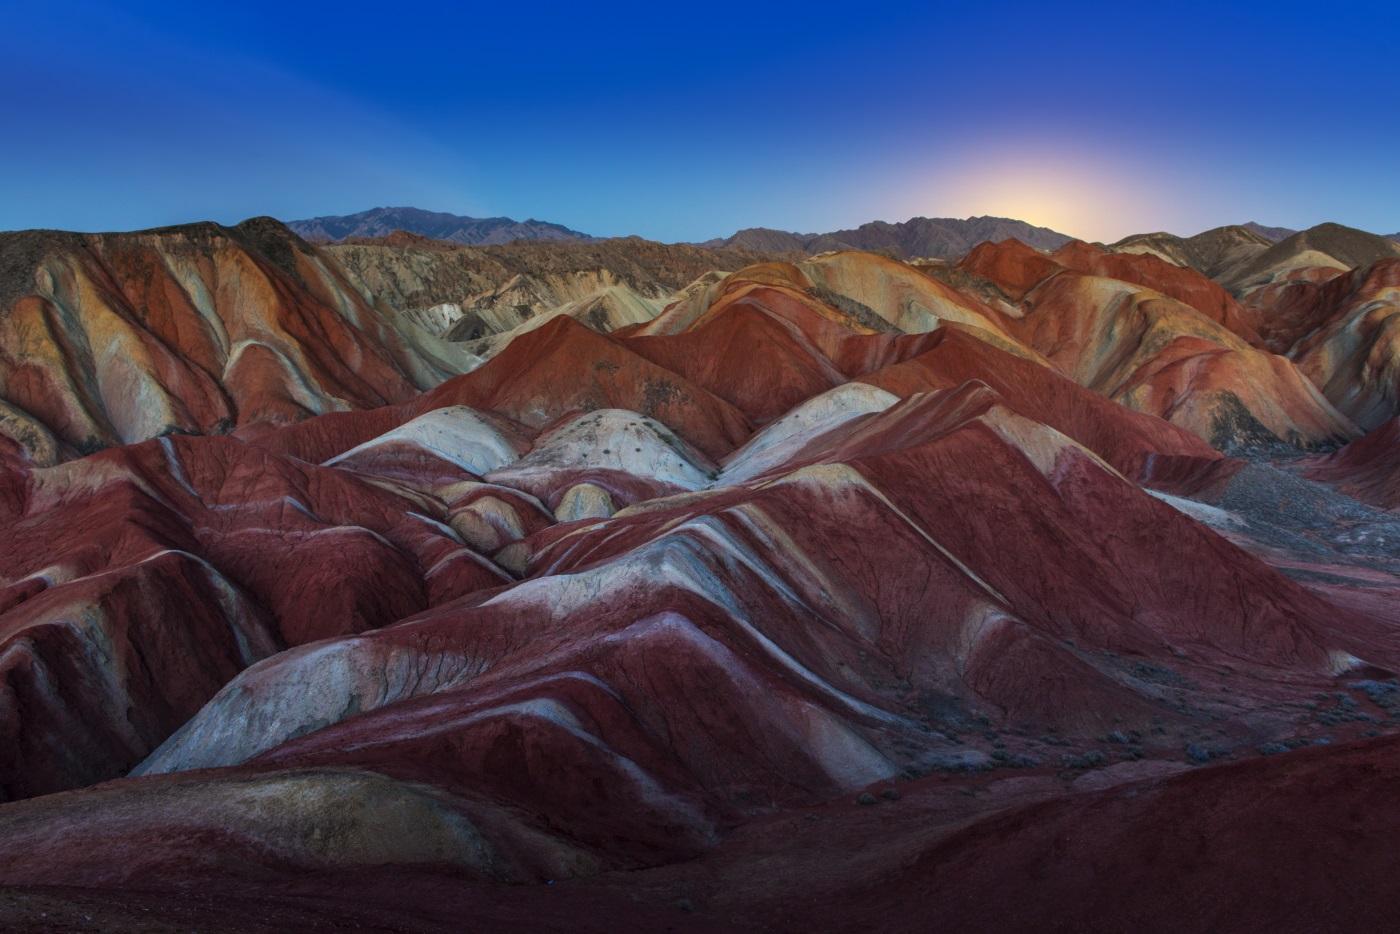 Данксия – впечатляващи червени скали, които са формирани от няколко слоя различни цветни пясъчници и минерали, притиснати заедно в продължение на милиони години.